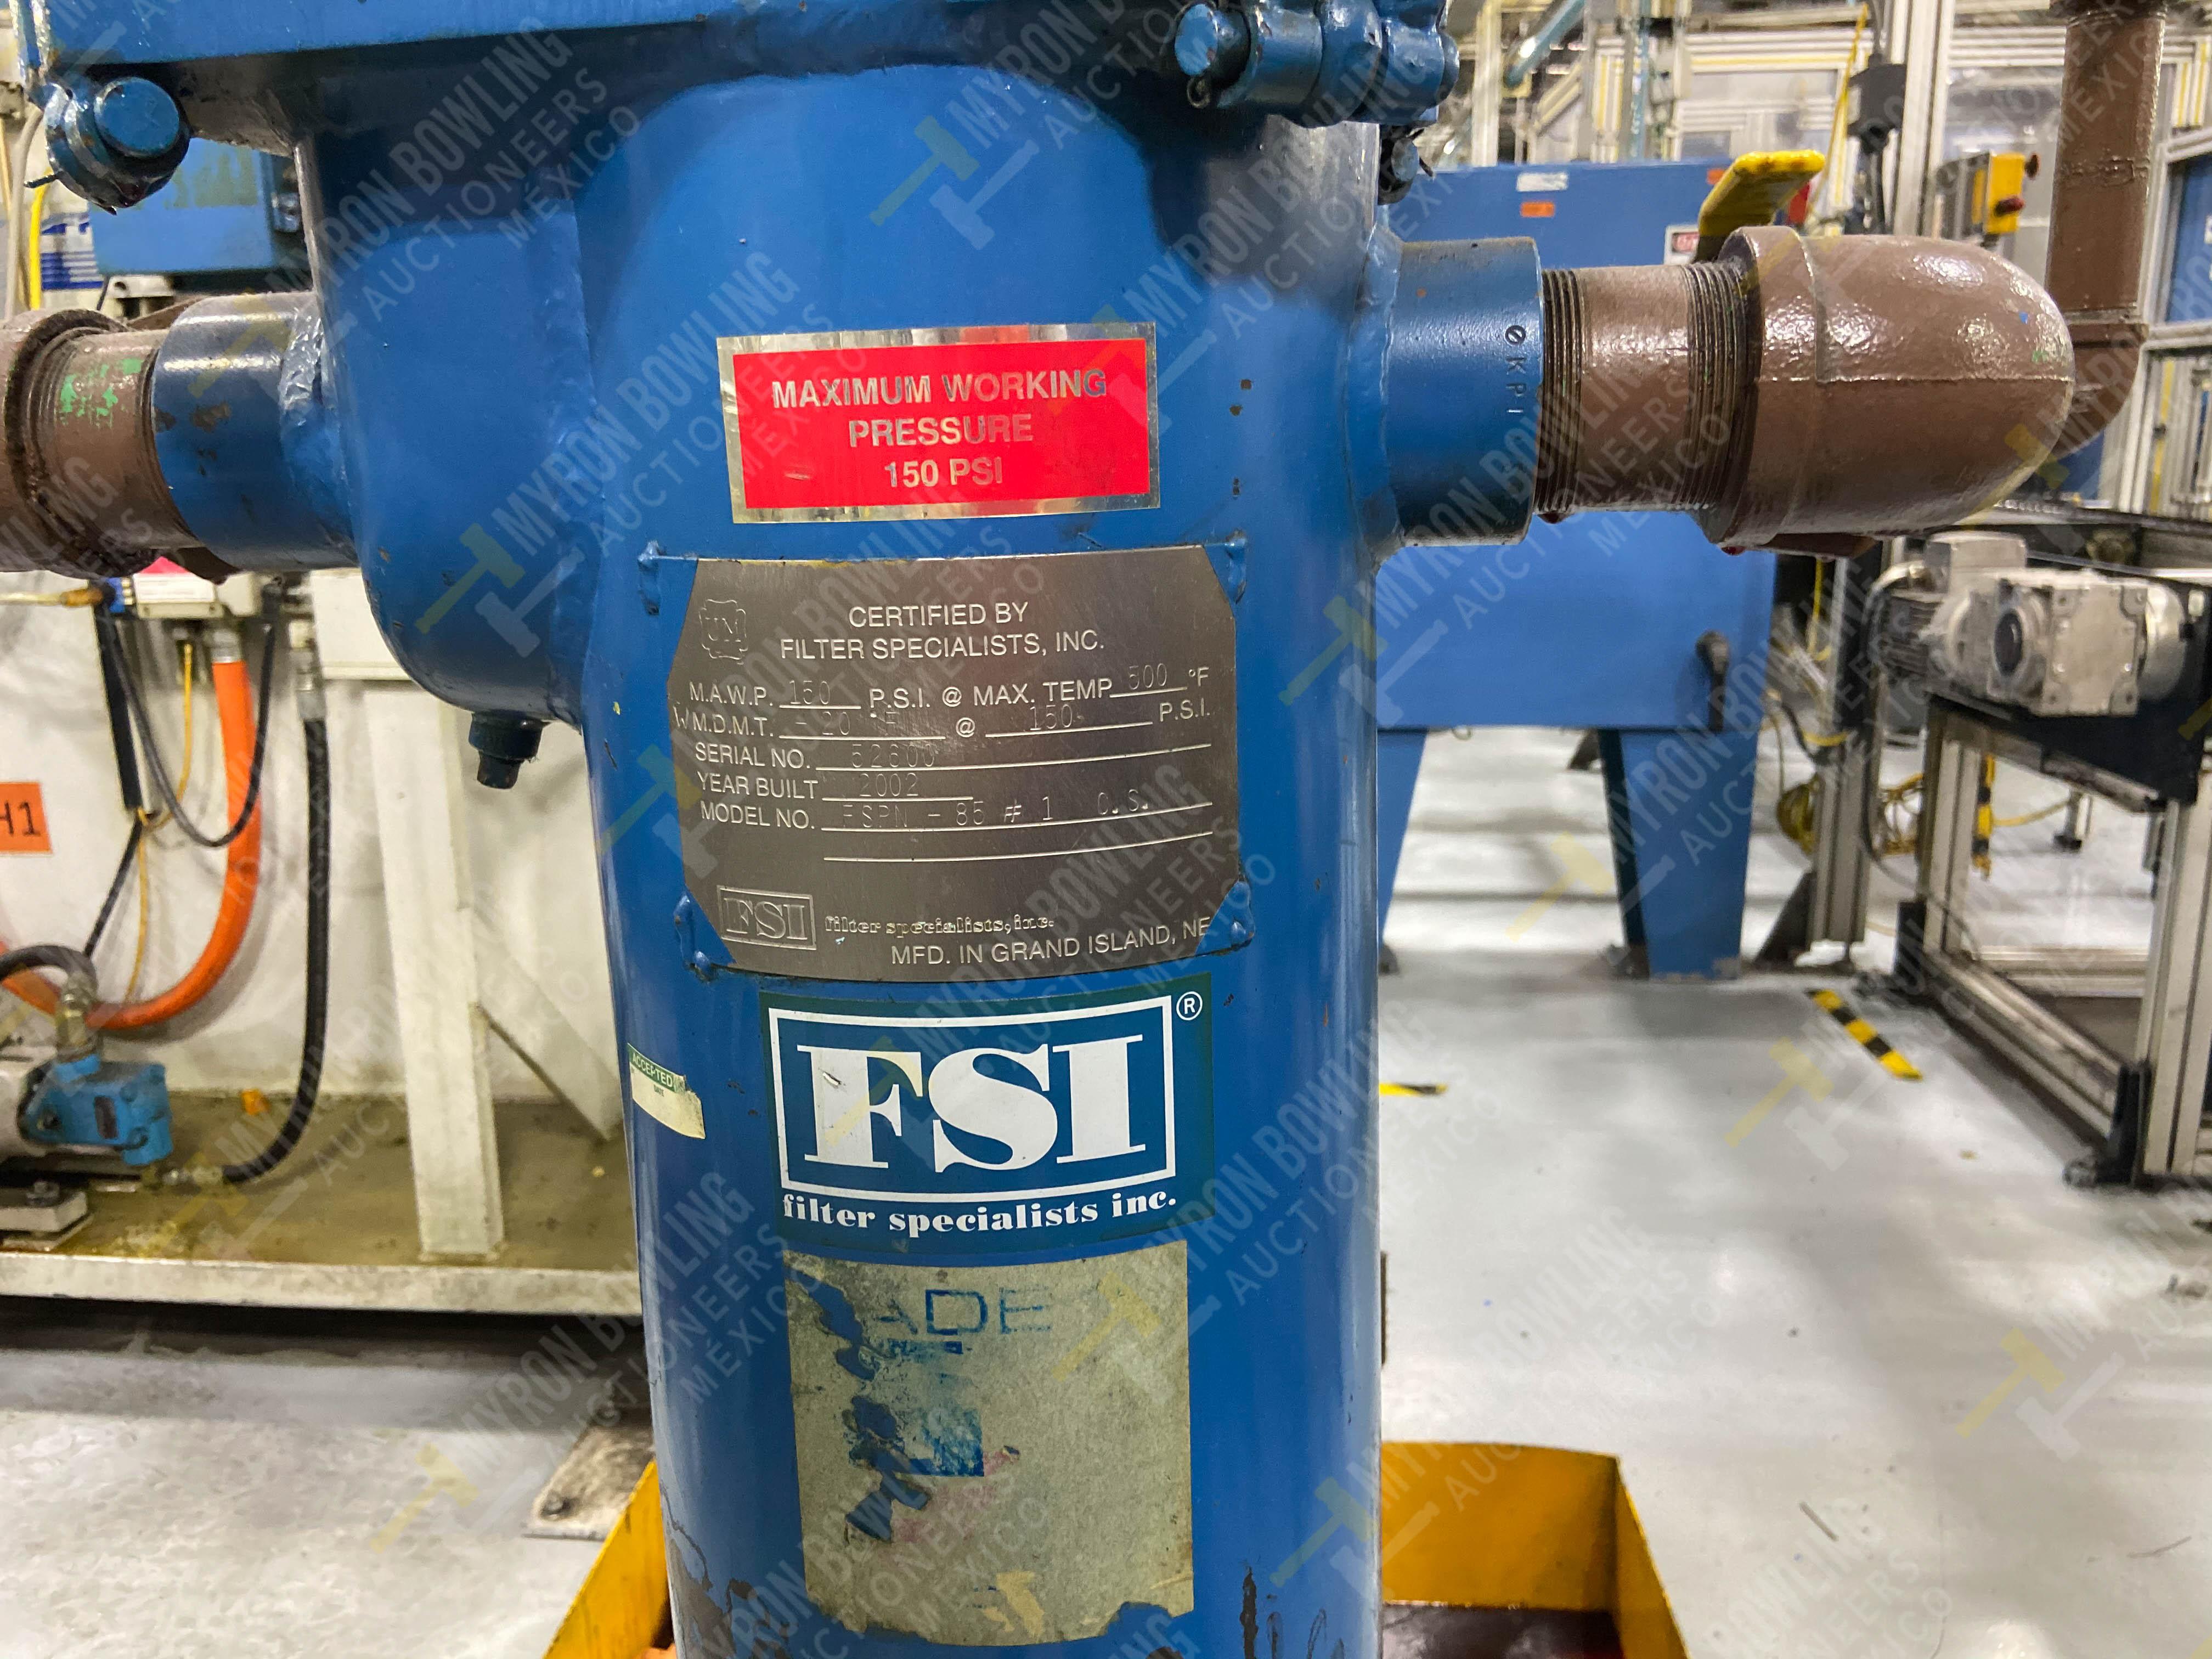 Bomba de aceite y filtros para el llenado de housings en lote 30 y 31. - Image 14 of 30